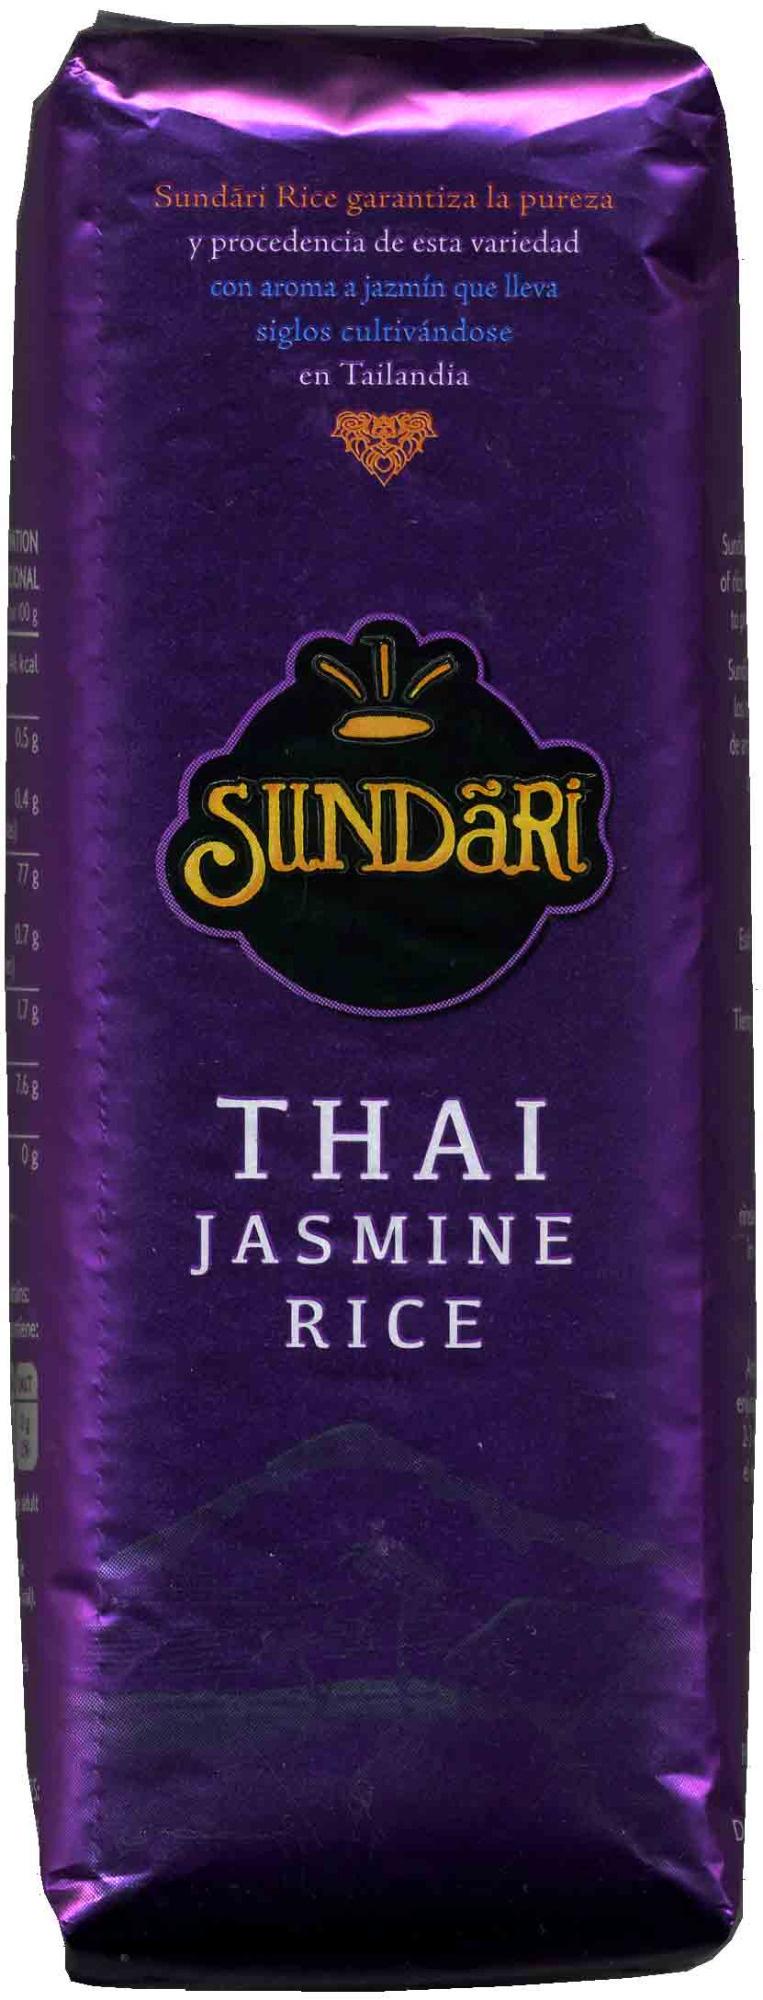 Thai jasmine rice - Producto - es